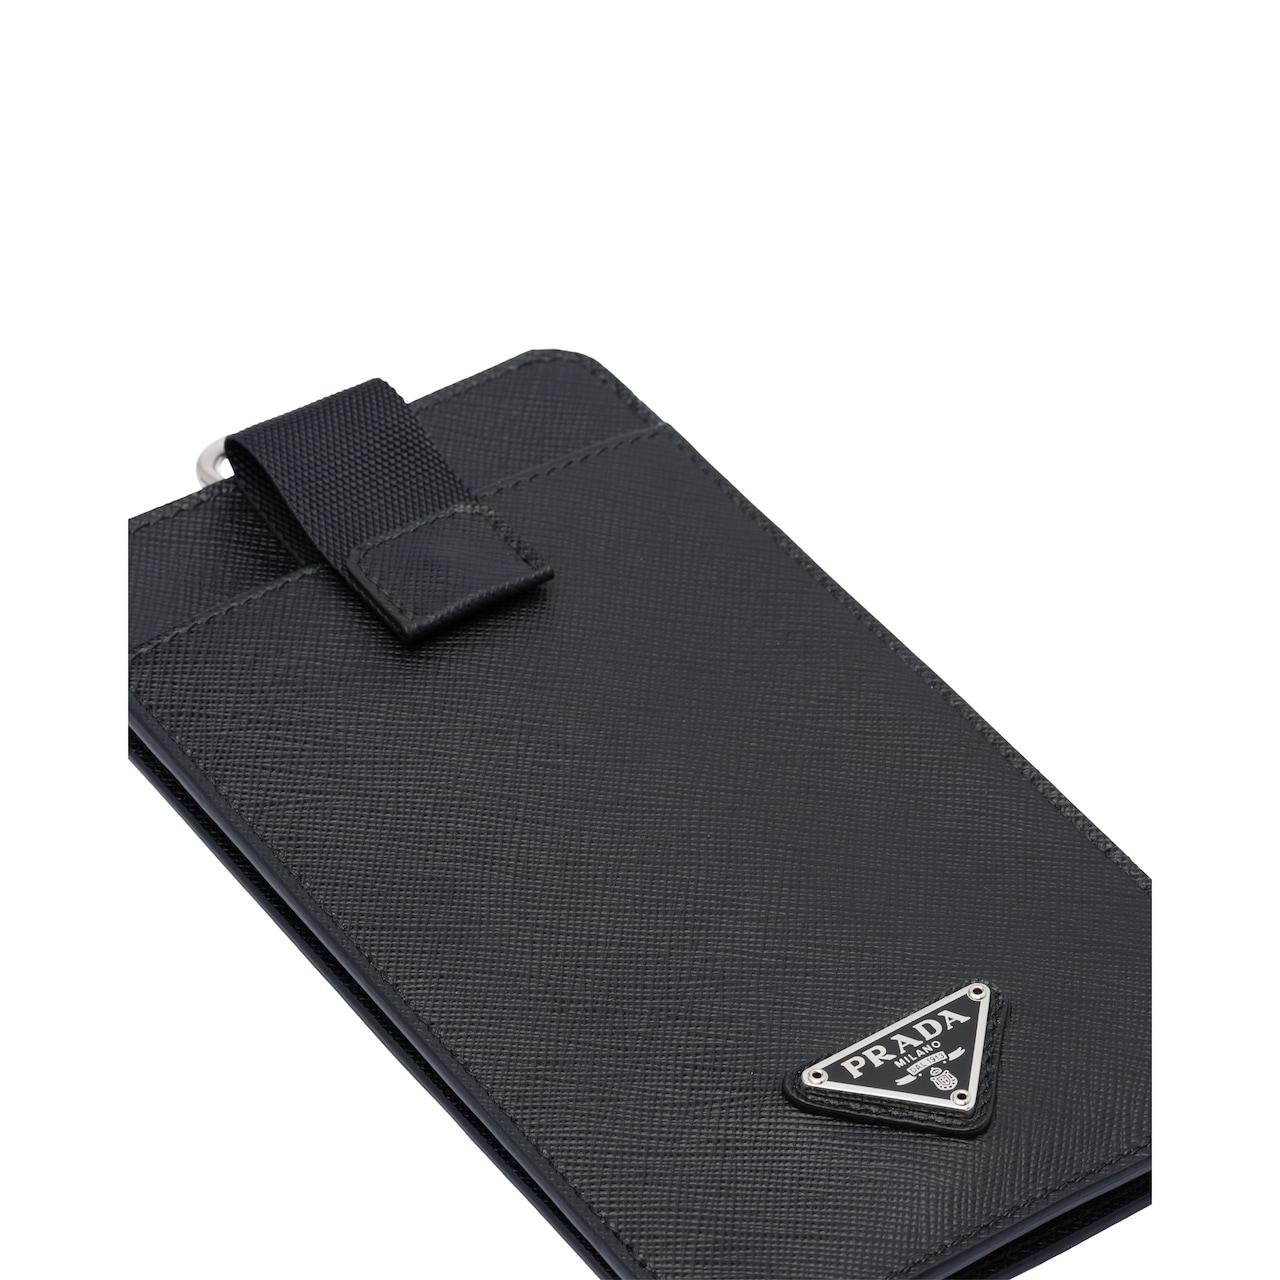 Prada Saffiano 皮革手机包 2